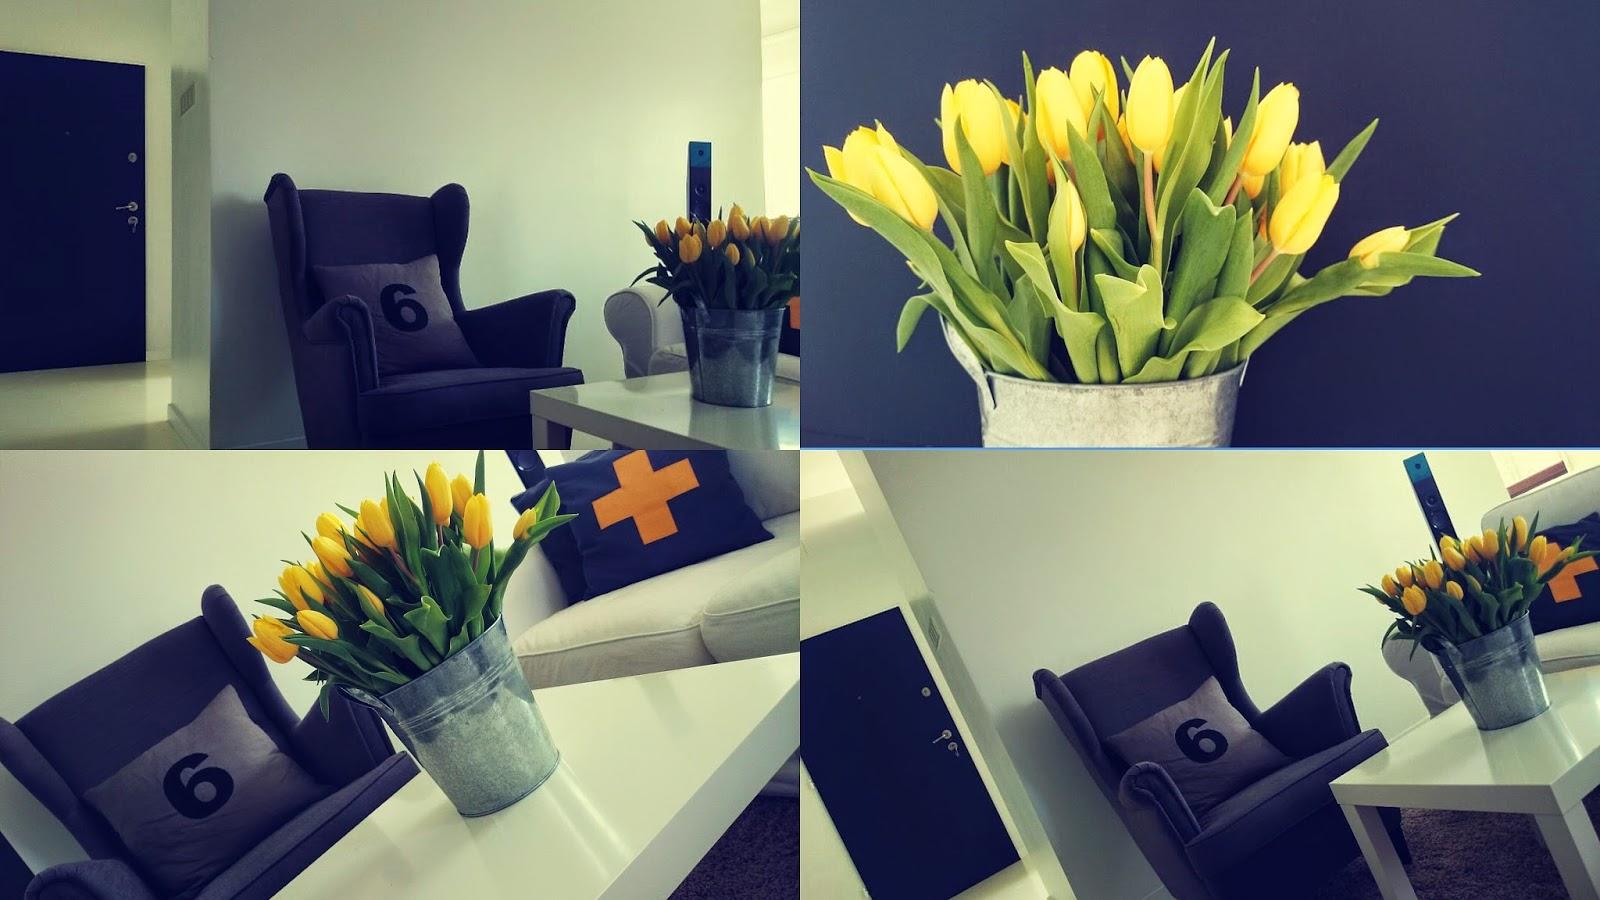 Drzwi pomalowane farbą tablicową, szary fotel uszatek, biała podłoga z wylewki, żółte tulipany w ocynkownaym wiadrze